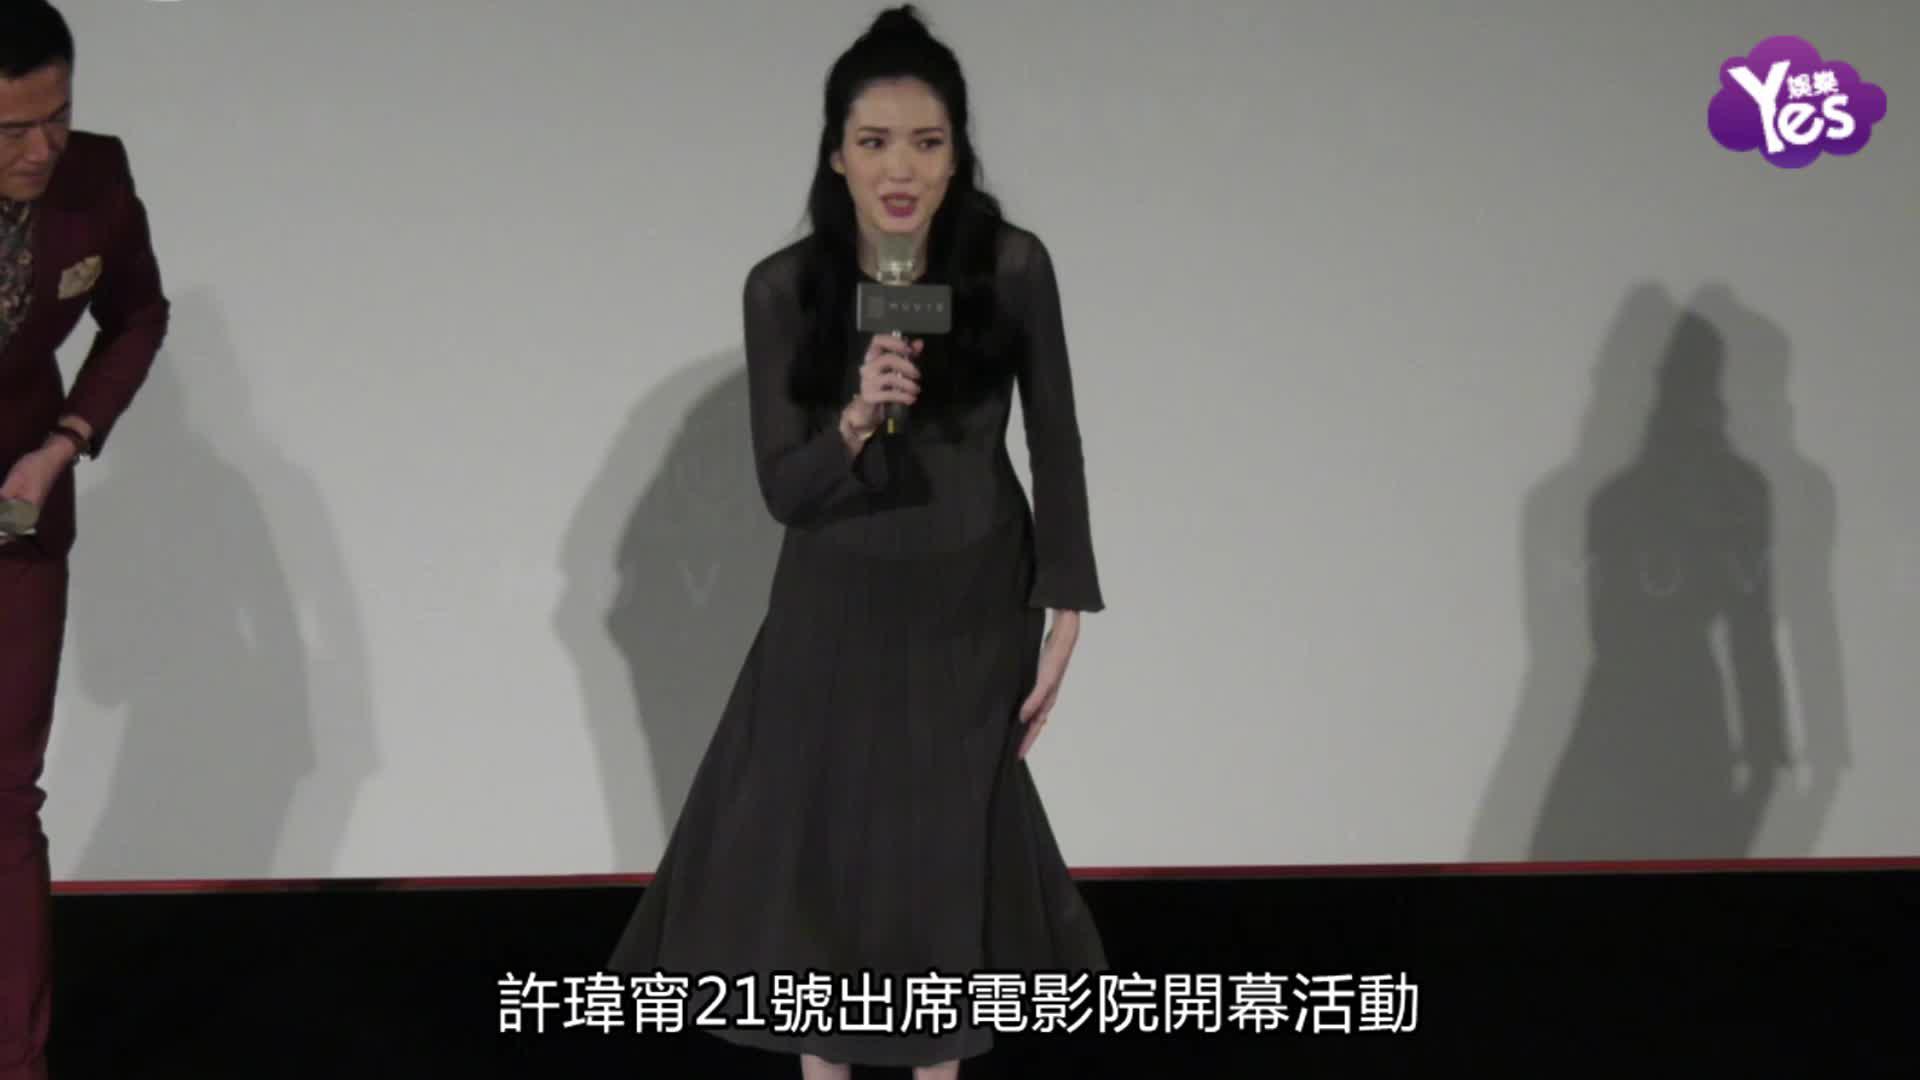 许玮宁向Jolin致敬喊话当歌手 自嘲跟男友约会被狗仔拍超无奈